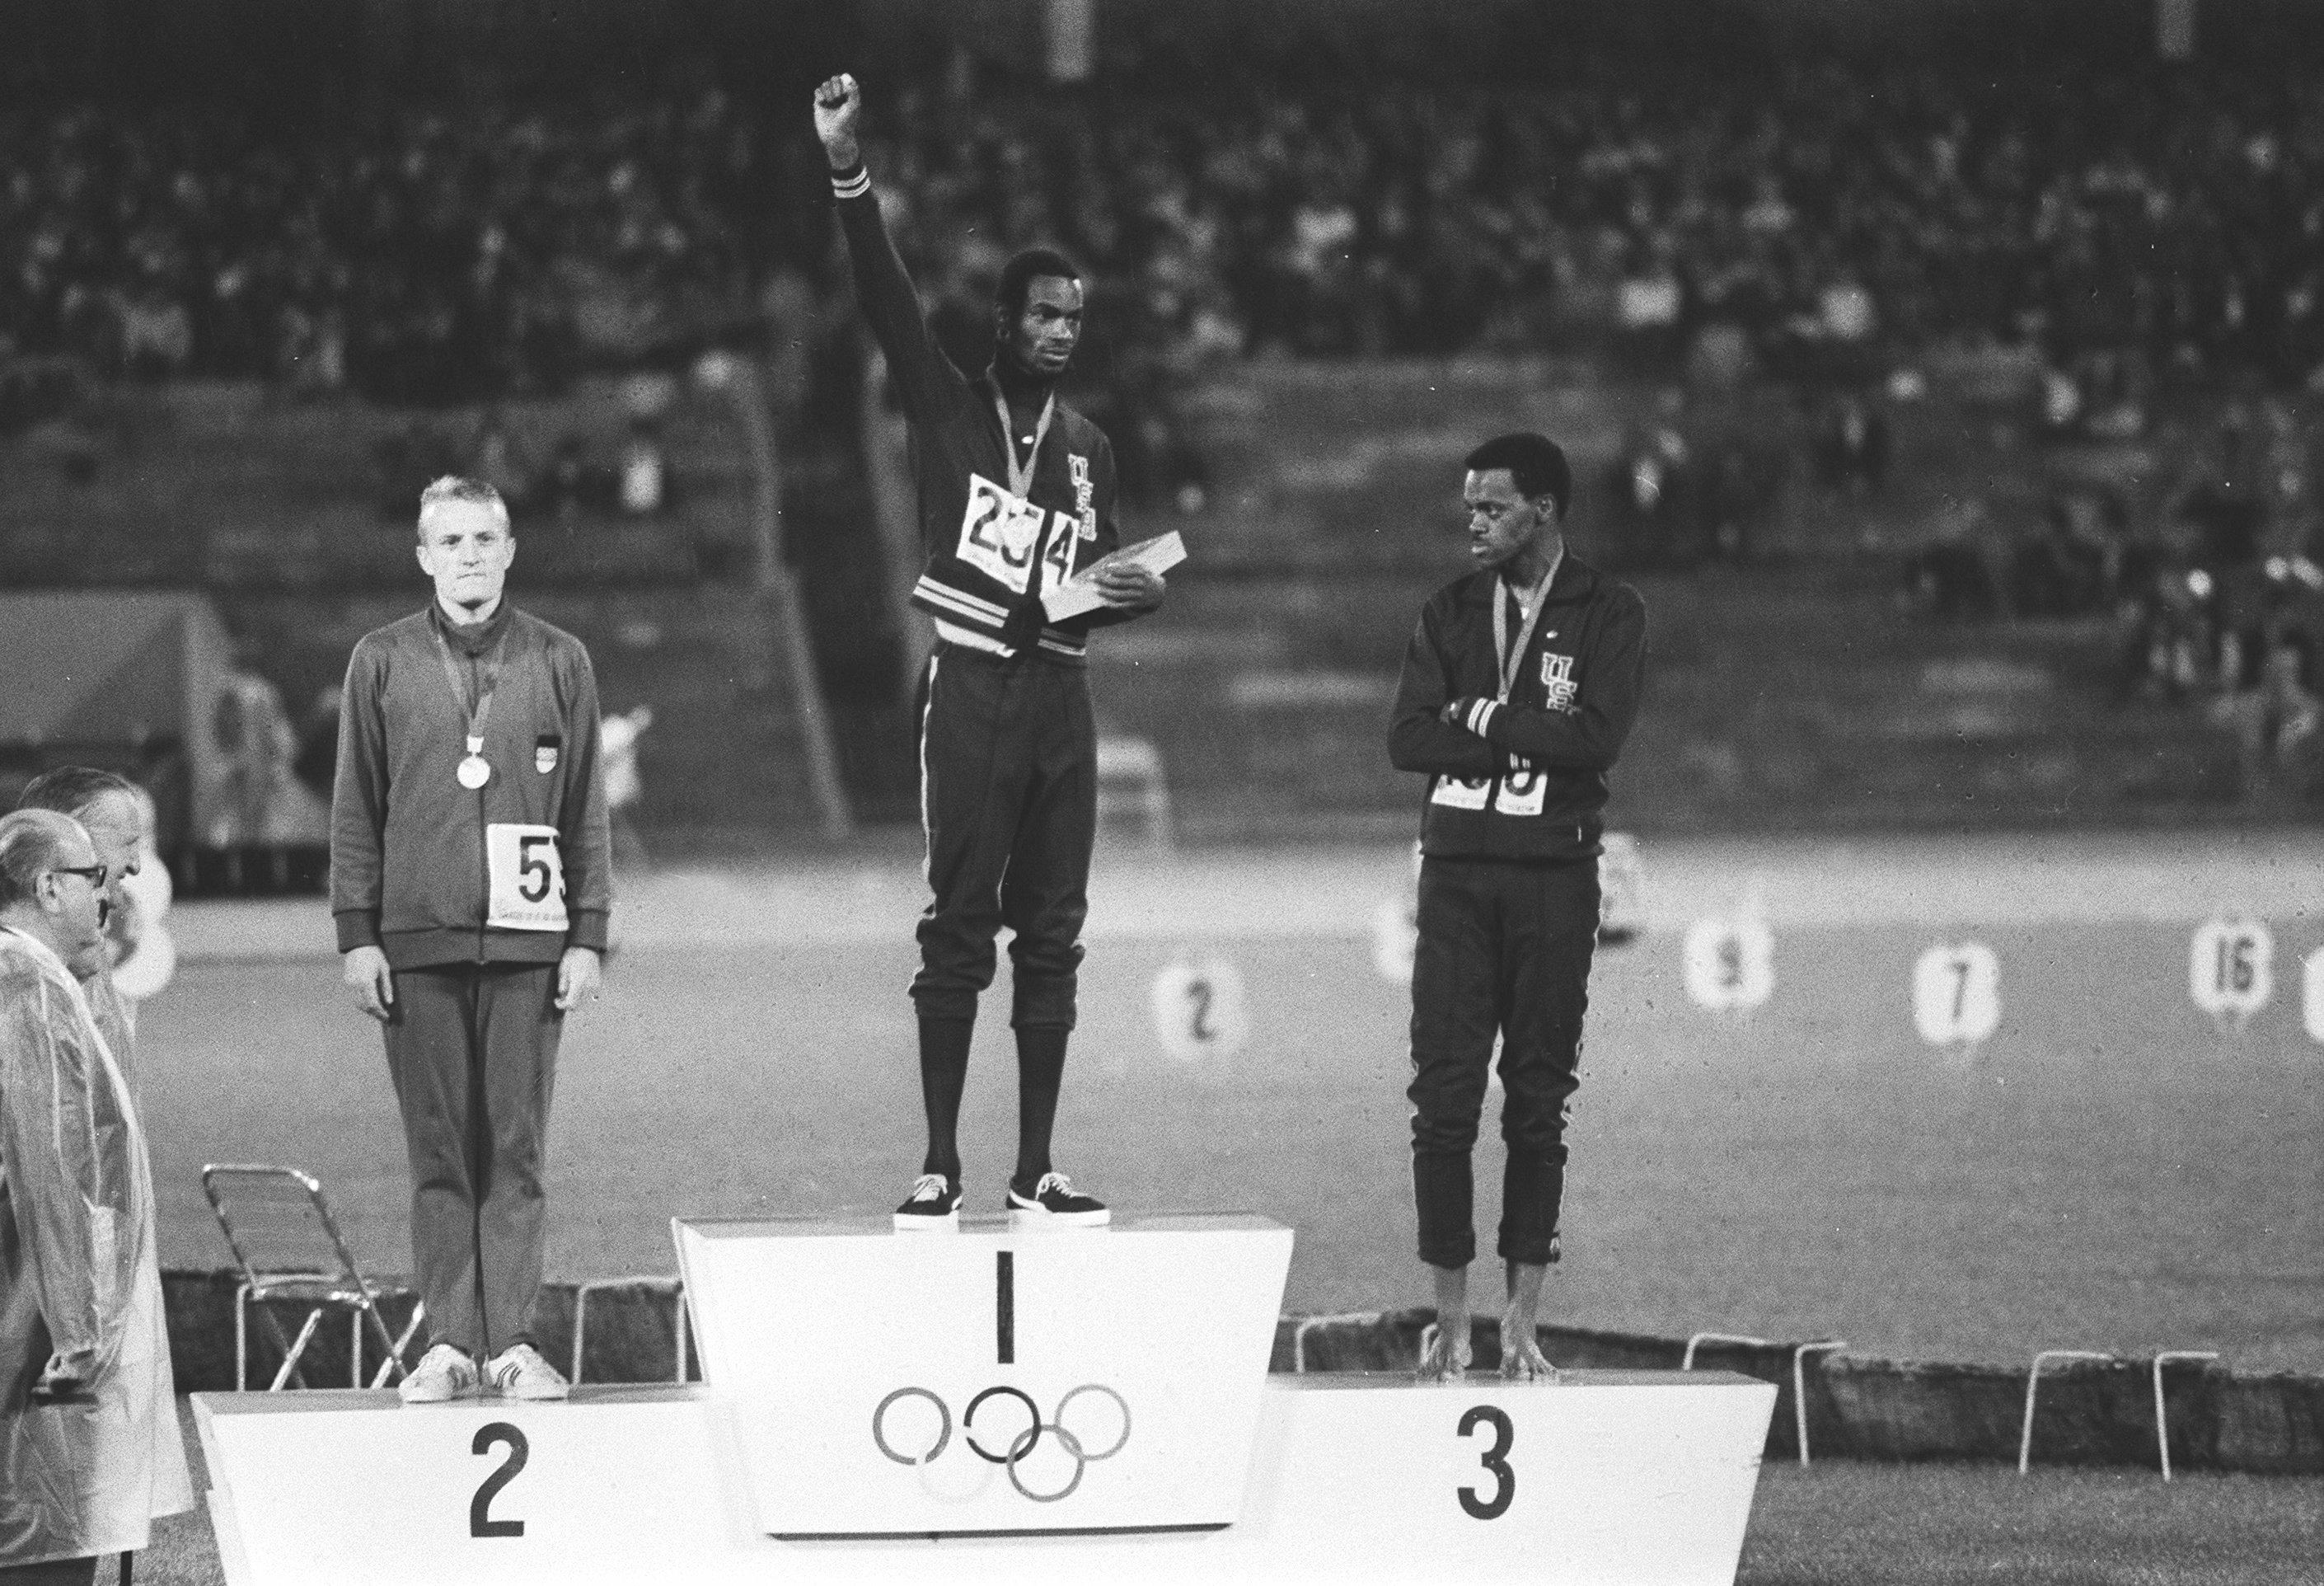 El atleta Bob Beamon en el podium tras vencer en la prueba de salto de Longitud de los Juegos Olimpicos de Mejico de 1968 seguido de Klaus Beer y de Ralph Boston *** Local Caption *** beer (klaus) beamon (bob) boston (ralph)